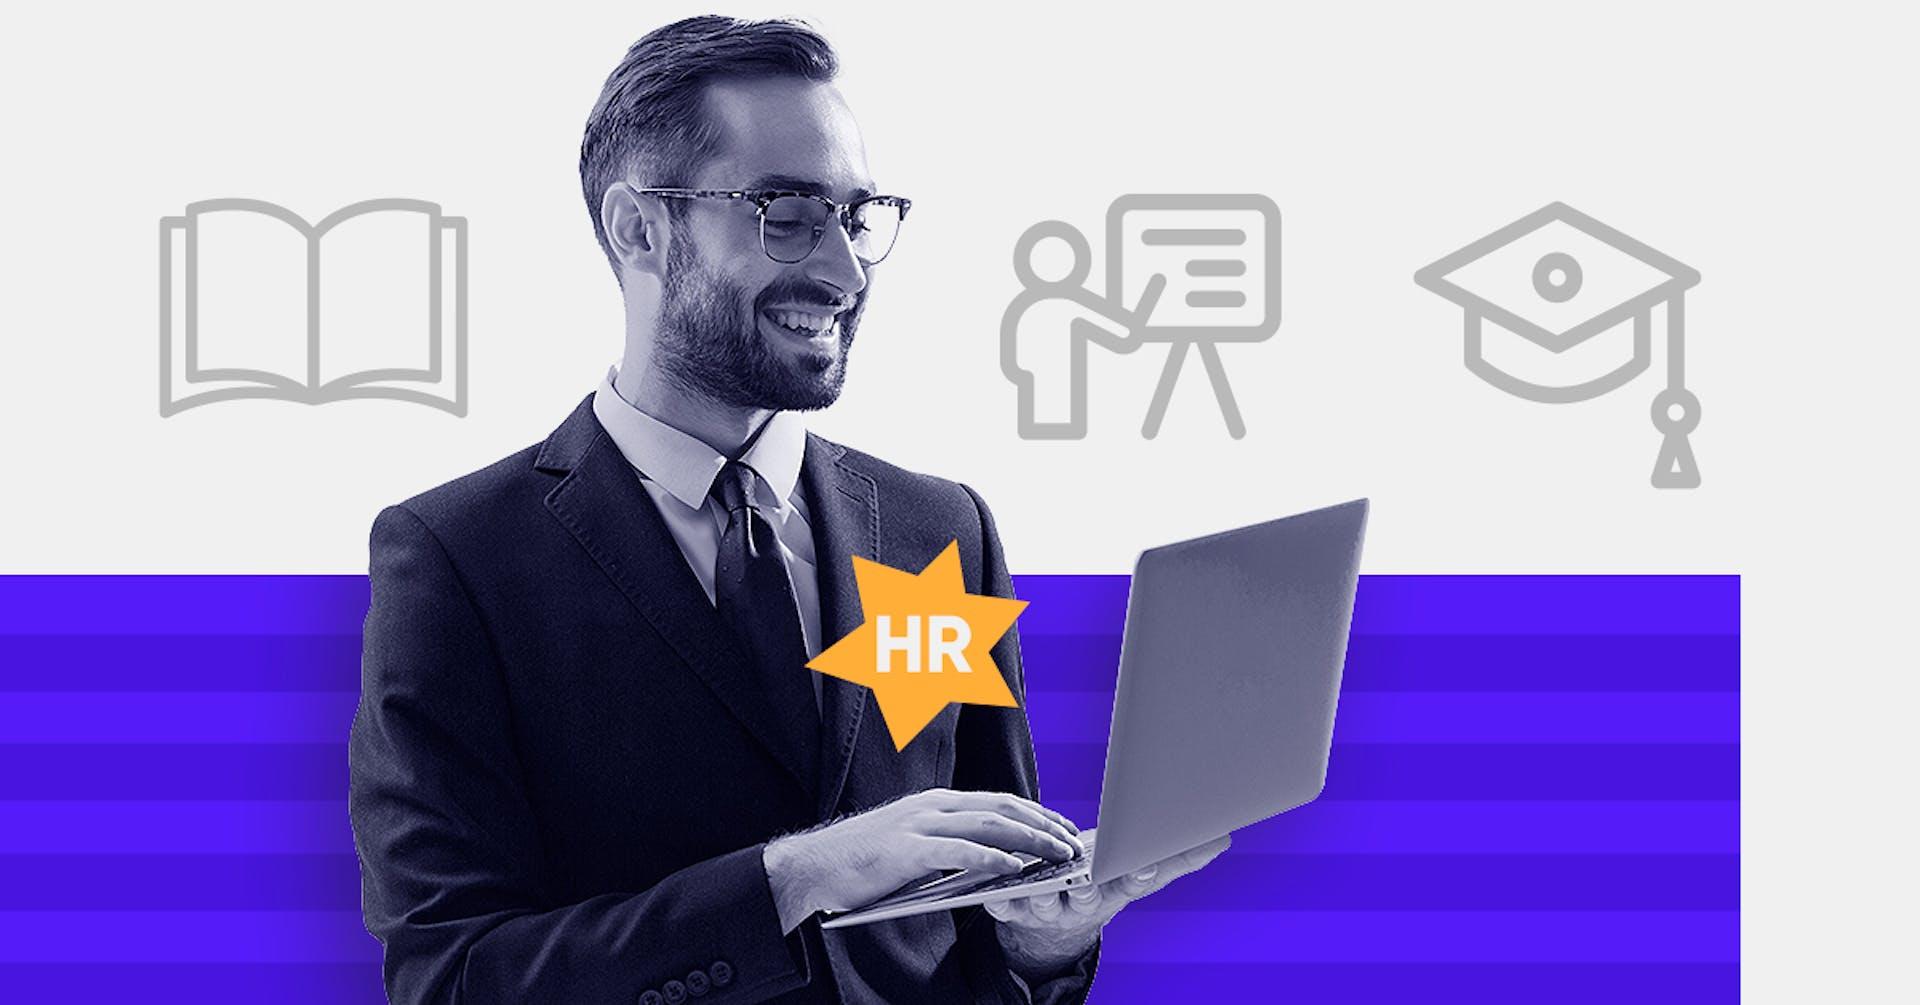 ¿Cuáles son los cursos en los que se debería capacitar un HR Manager?